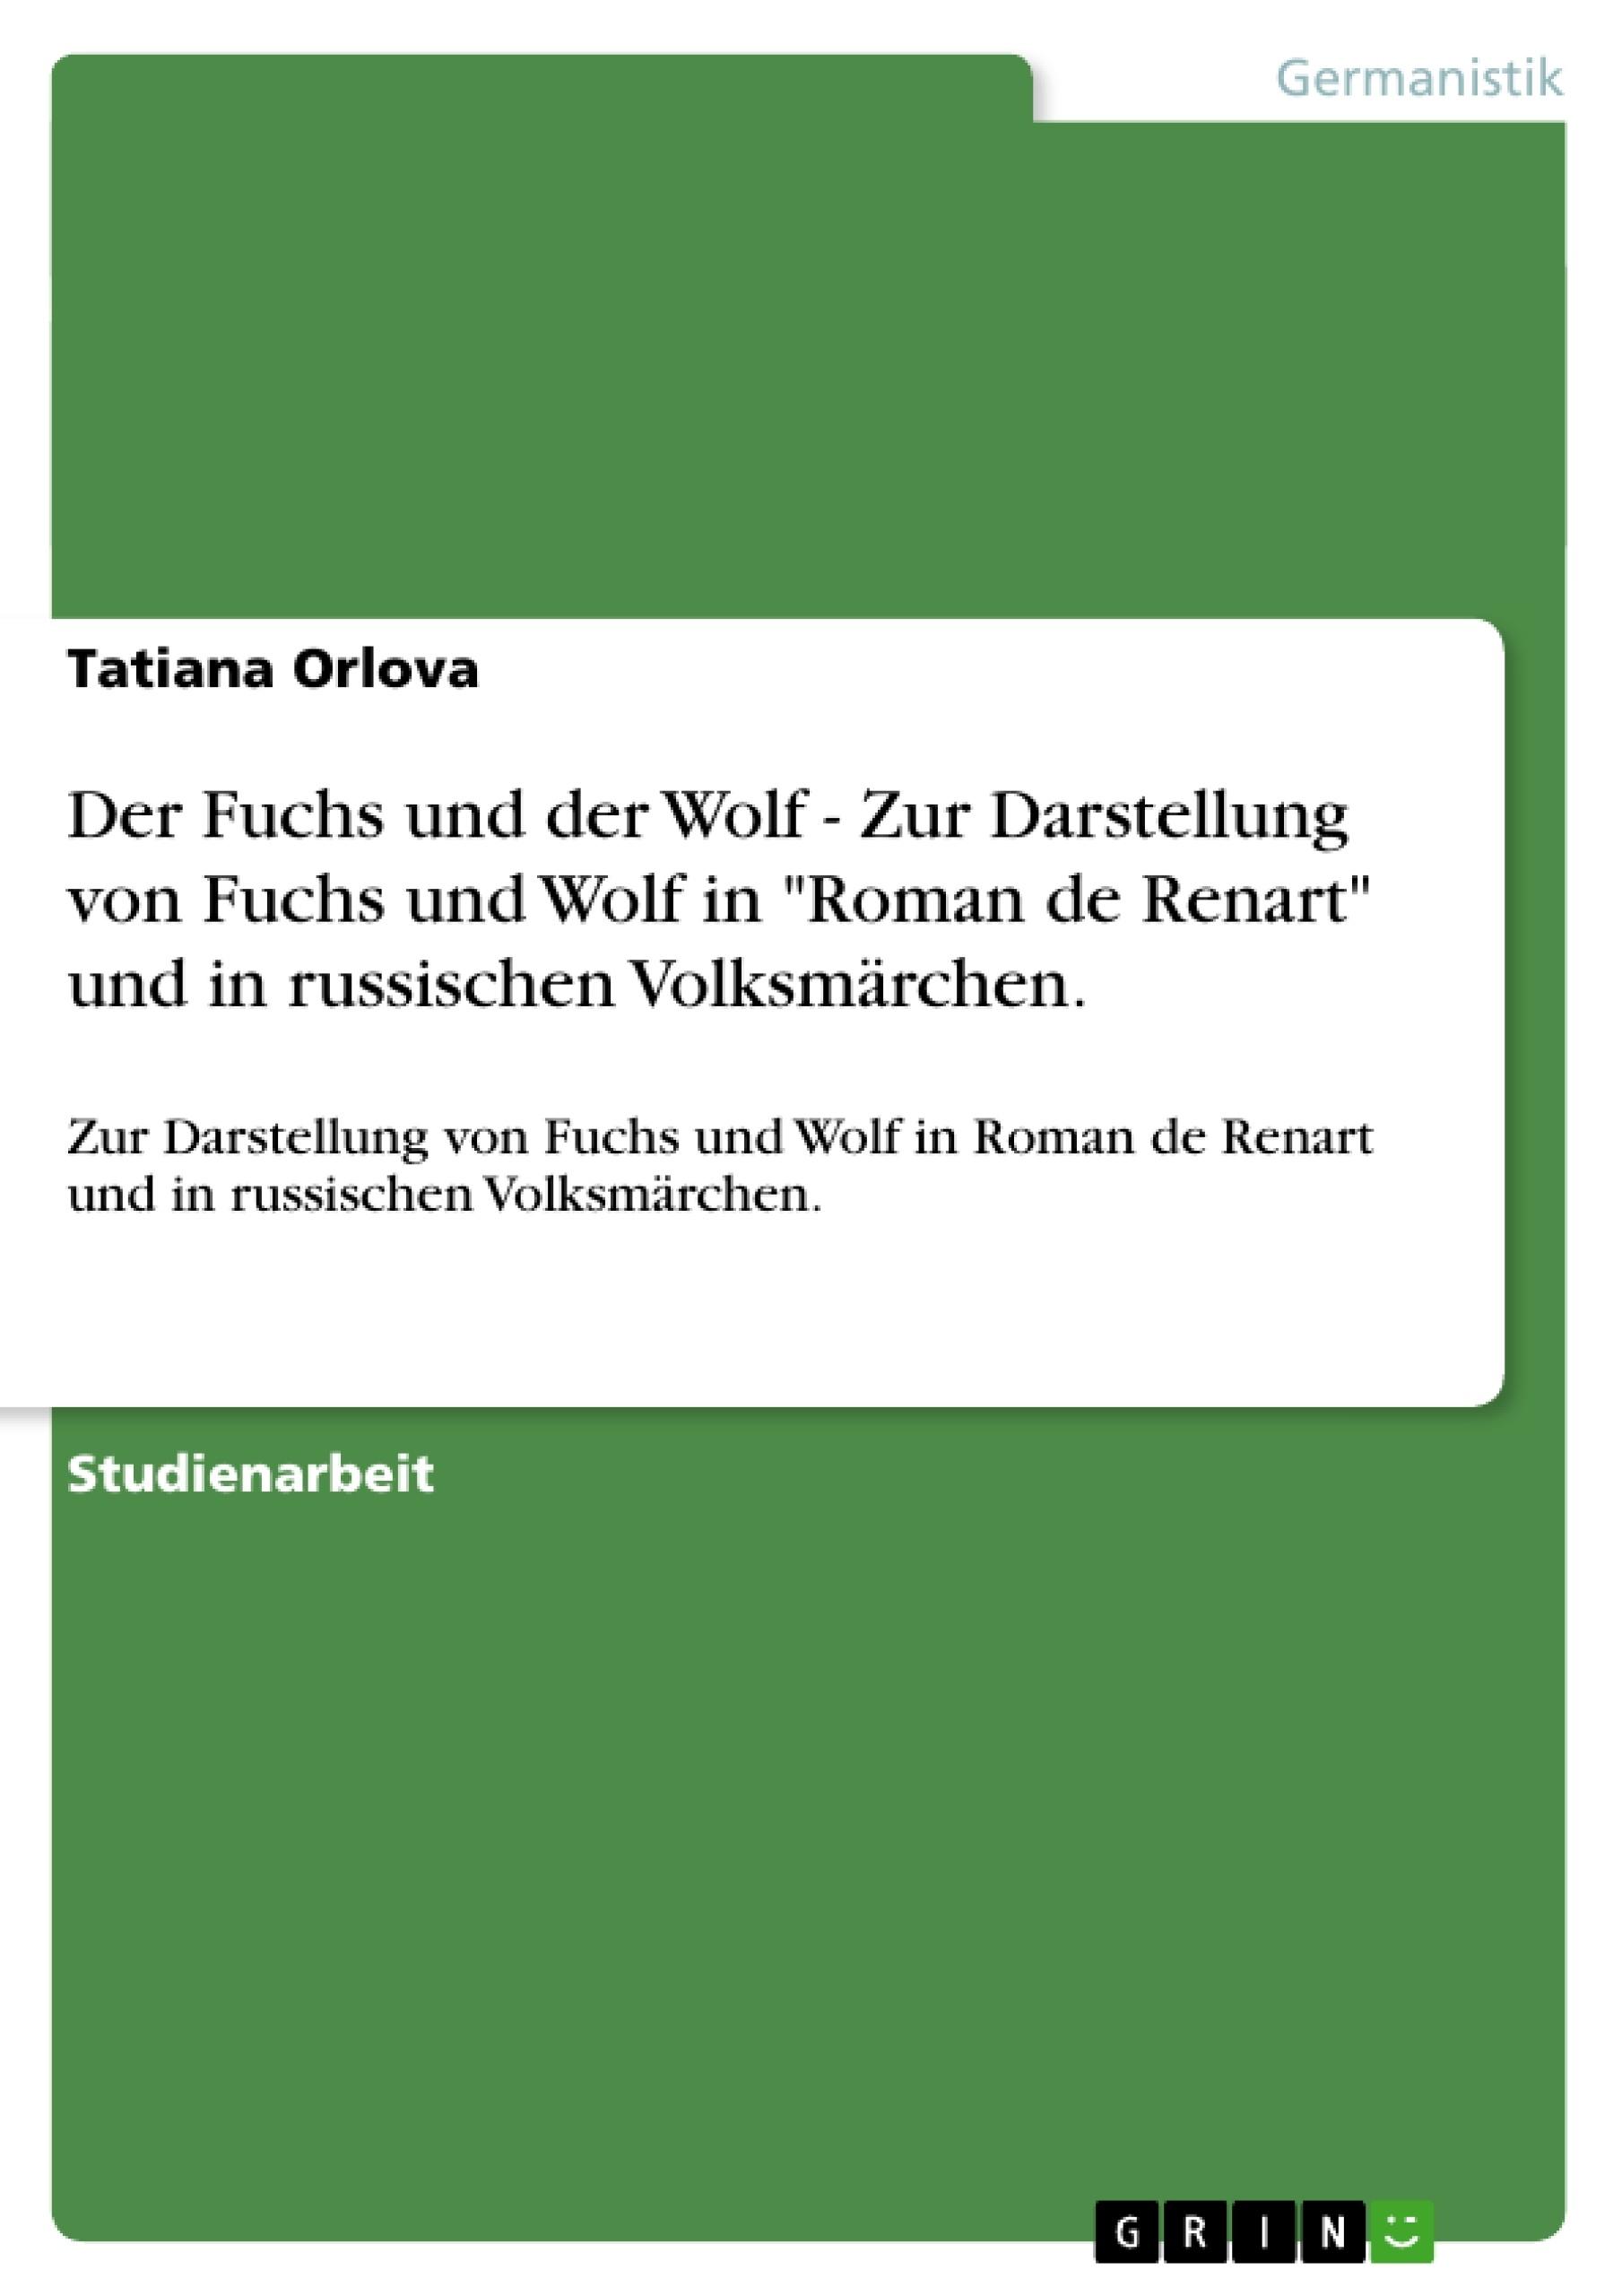 """Titel: Der Fuchs und der Wolf - Zur Darstellung von Fuchs und Wolf in """"Roman de Renart"""" und in russischen Volksmärchen."""